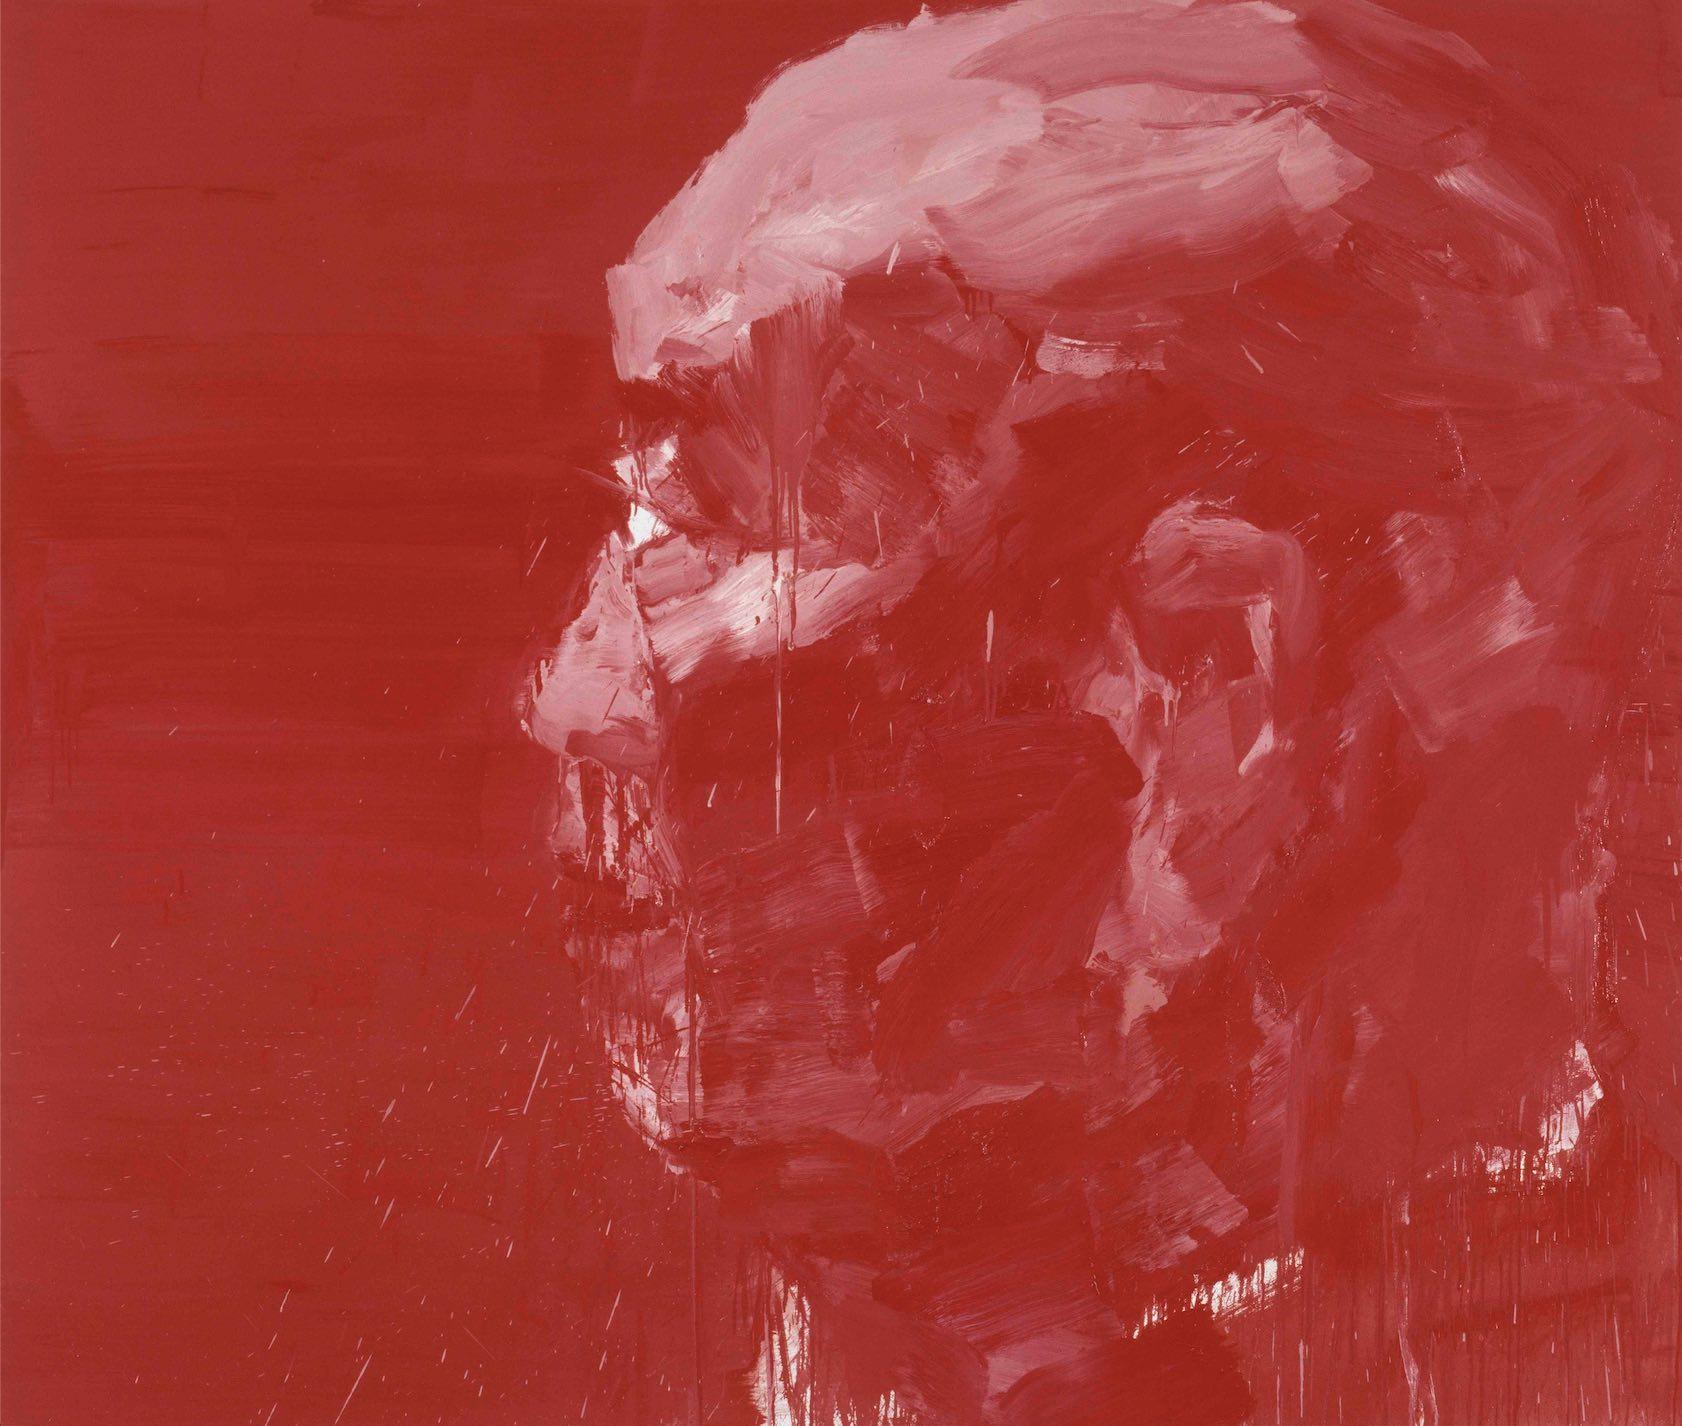 Yan Pei-Ming oltre Mao. A Colmar, nuova luce sull'opera del pittore cinese